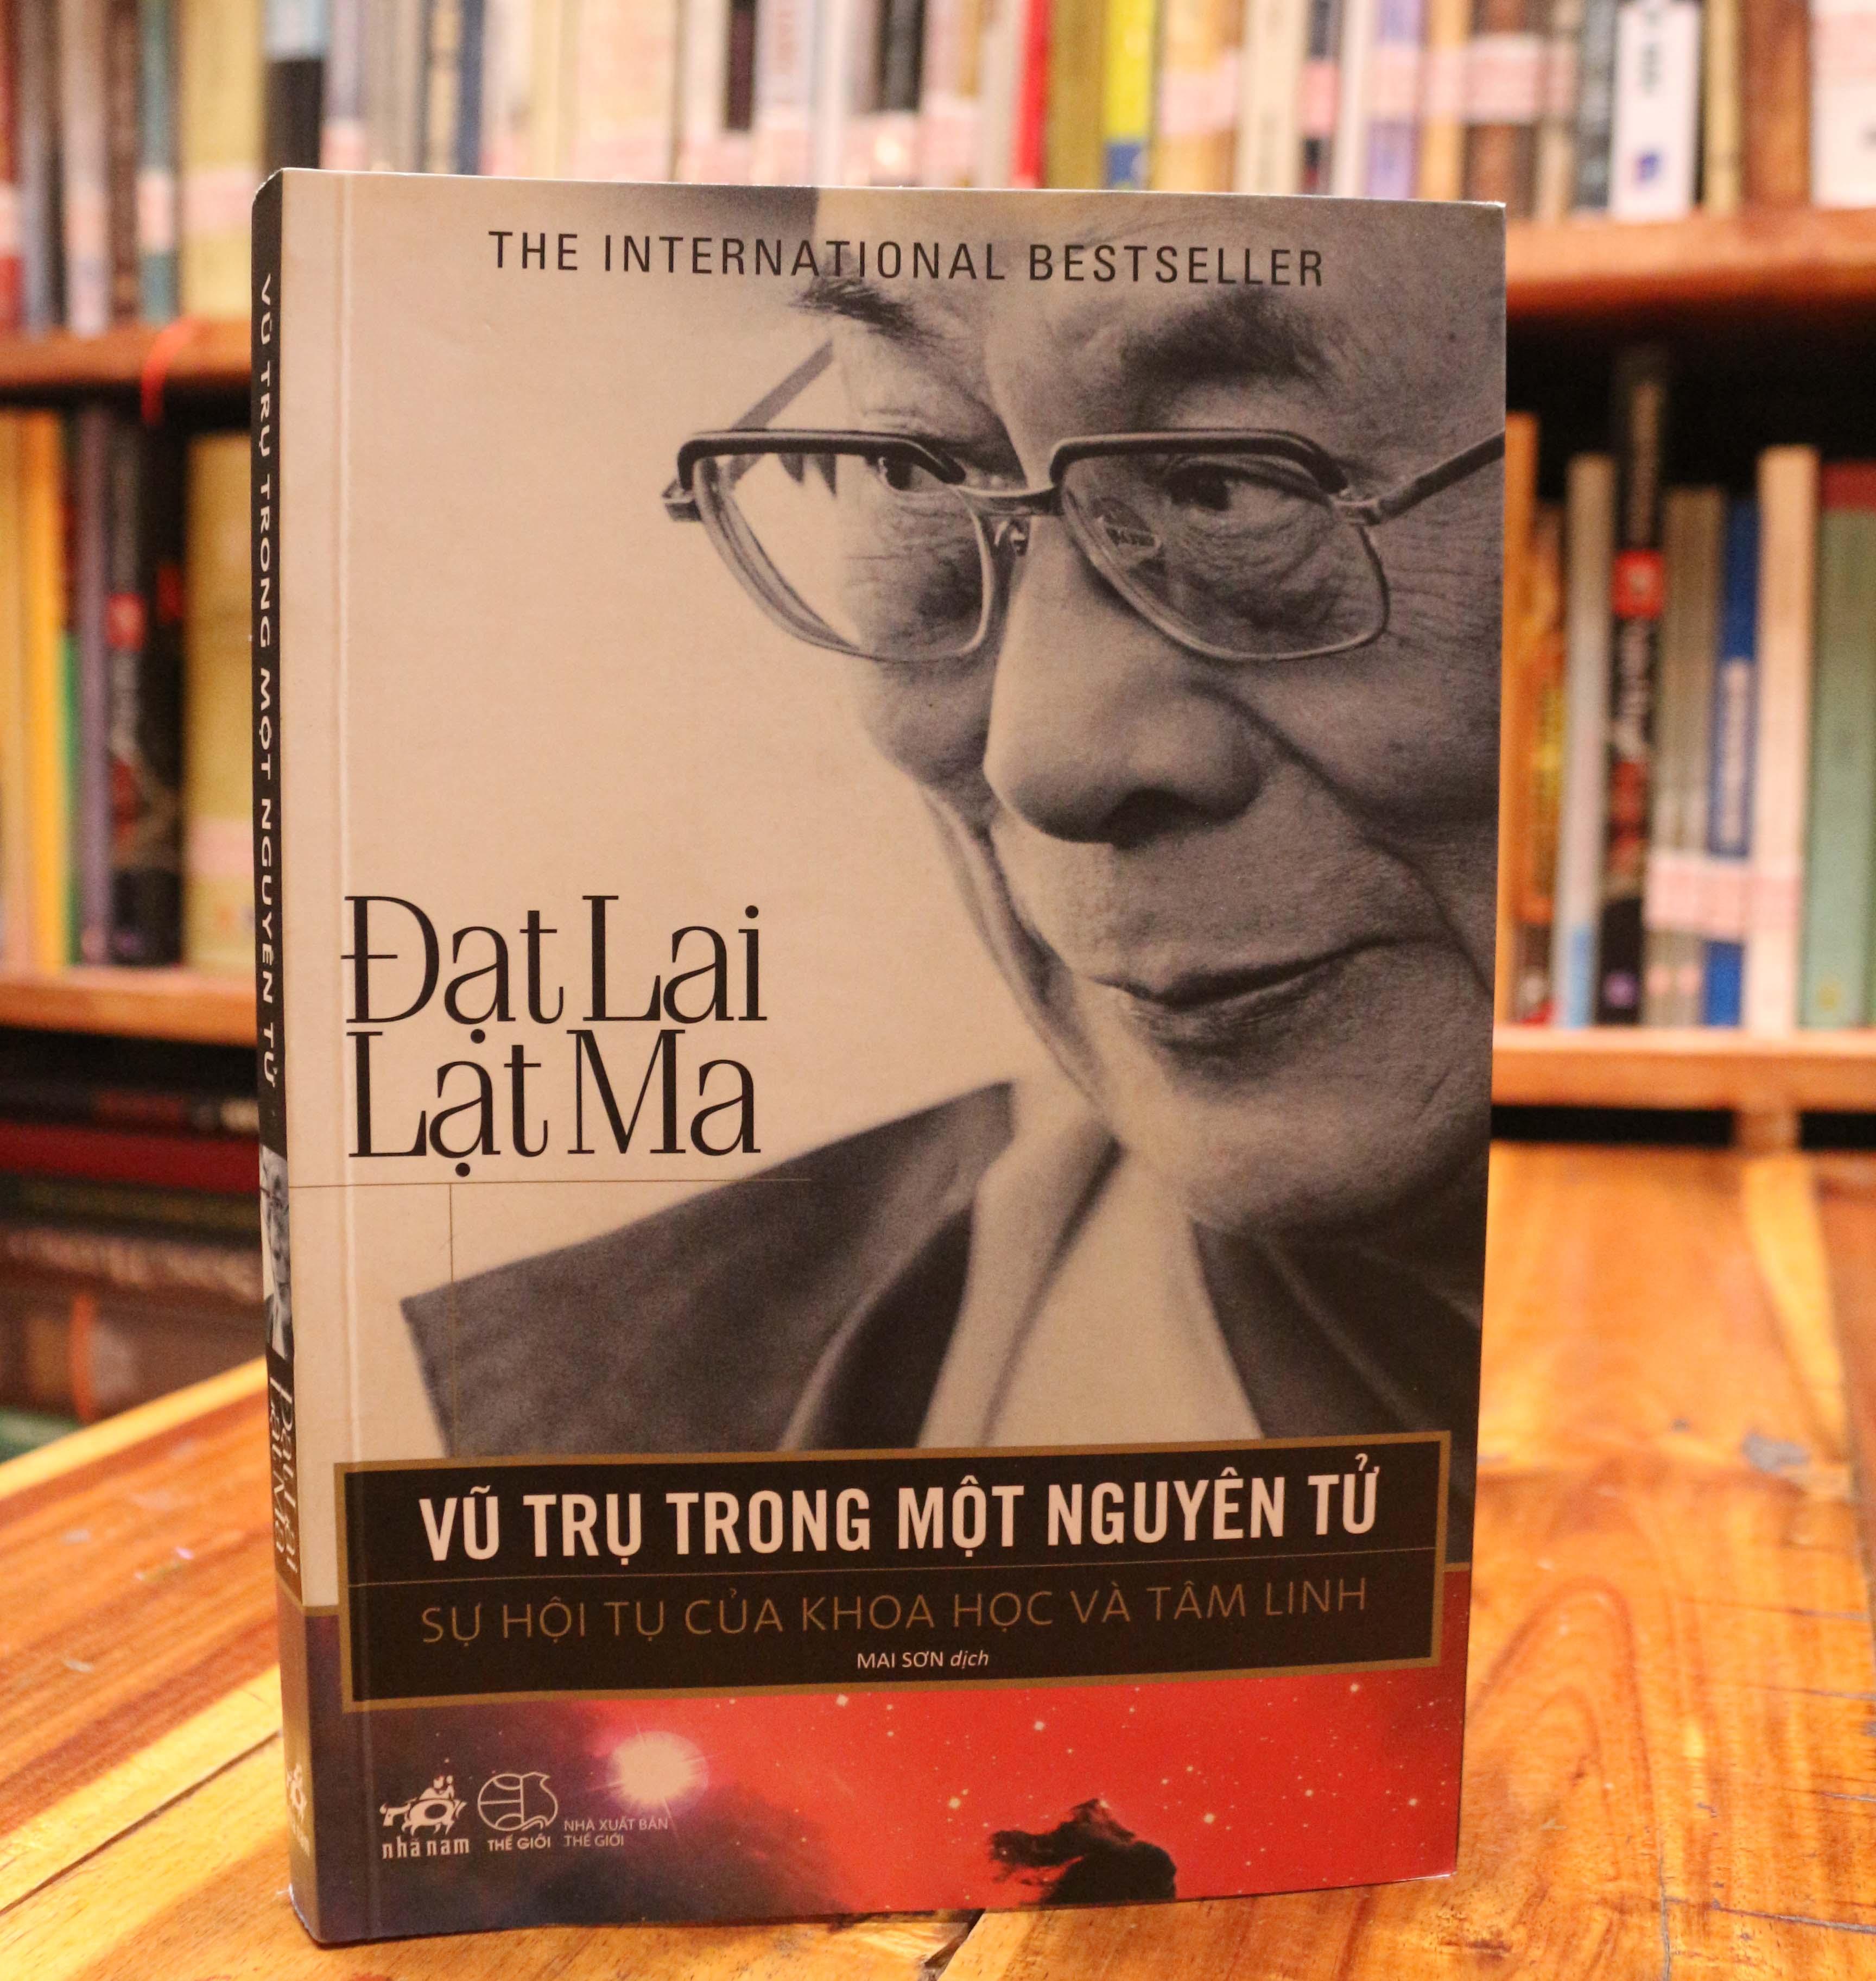 Vũ trụ trong một nguyên tử (The Universe in a Single Atom: The Convergence of Science and Spirituality) được xuất bản lần đầu vào tháng 9/2005. Trong ảnh: Bản tiếng Việt do dịch giả Mai Sơn chuyển ngữ.